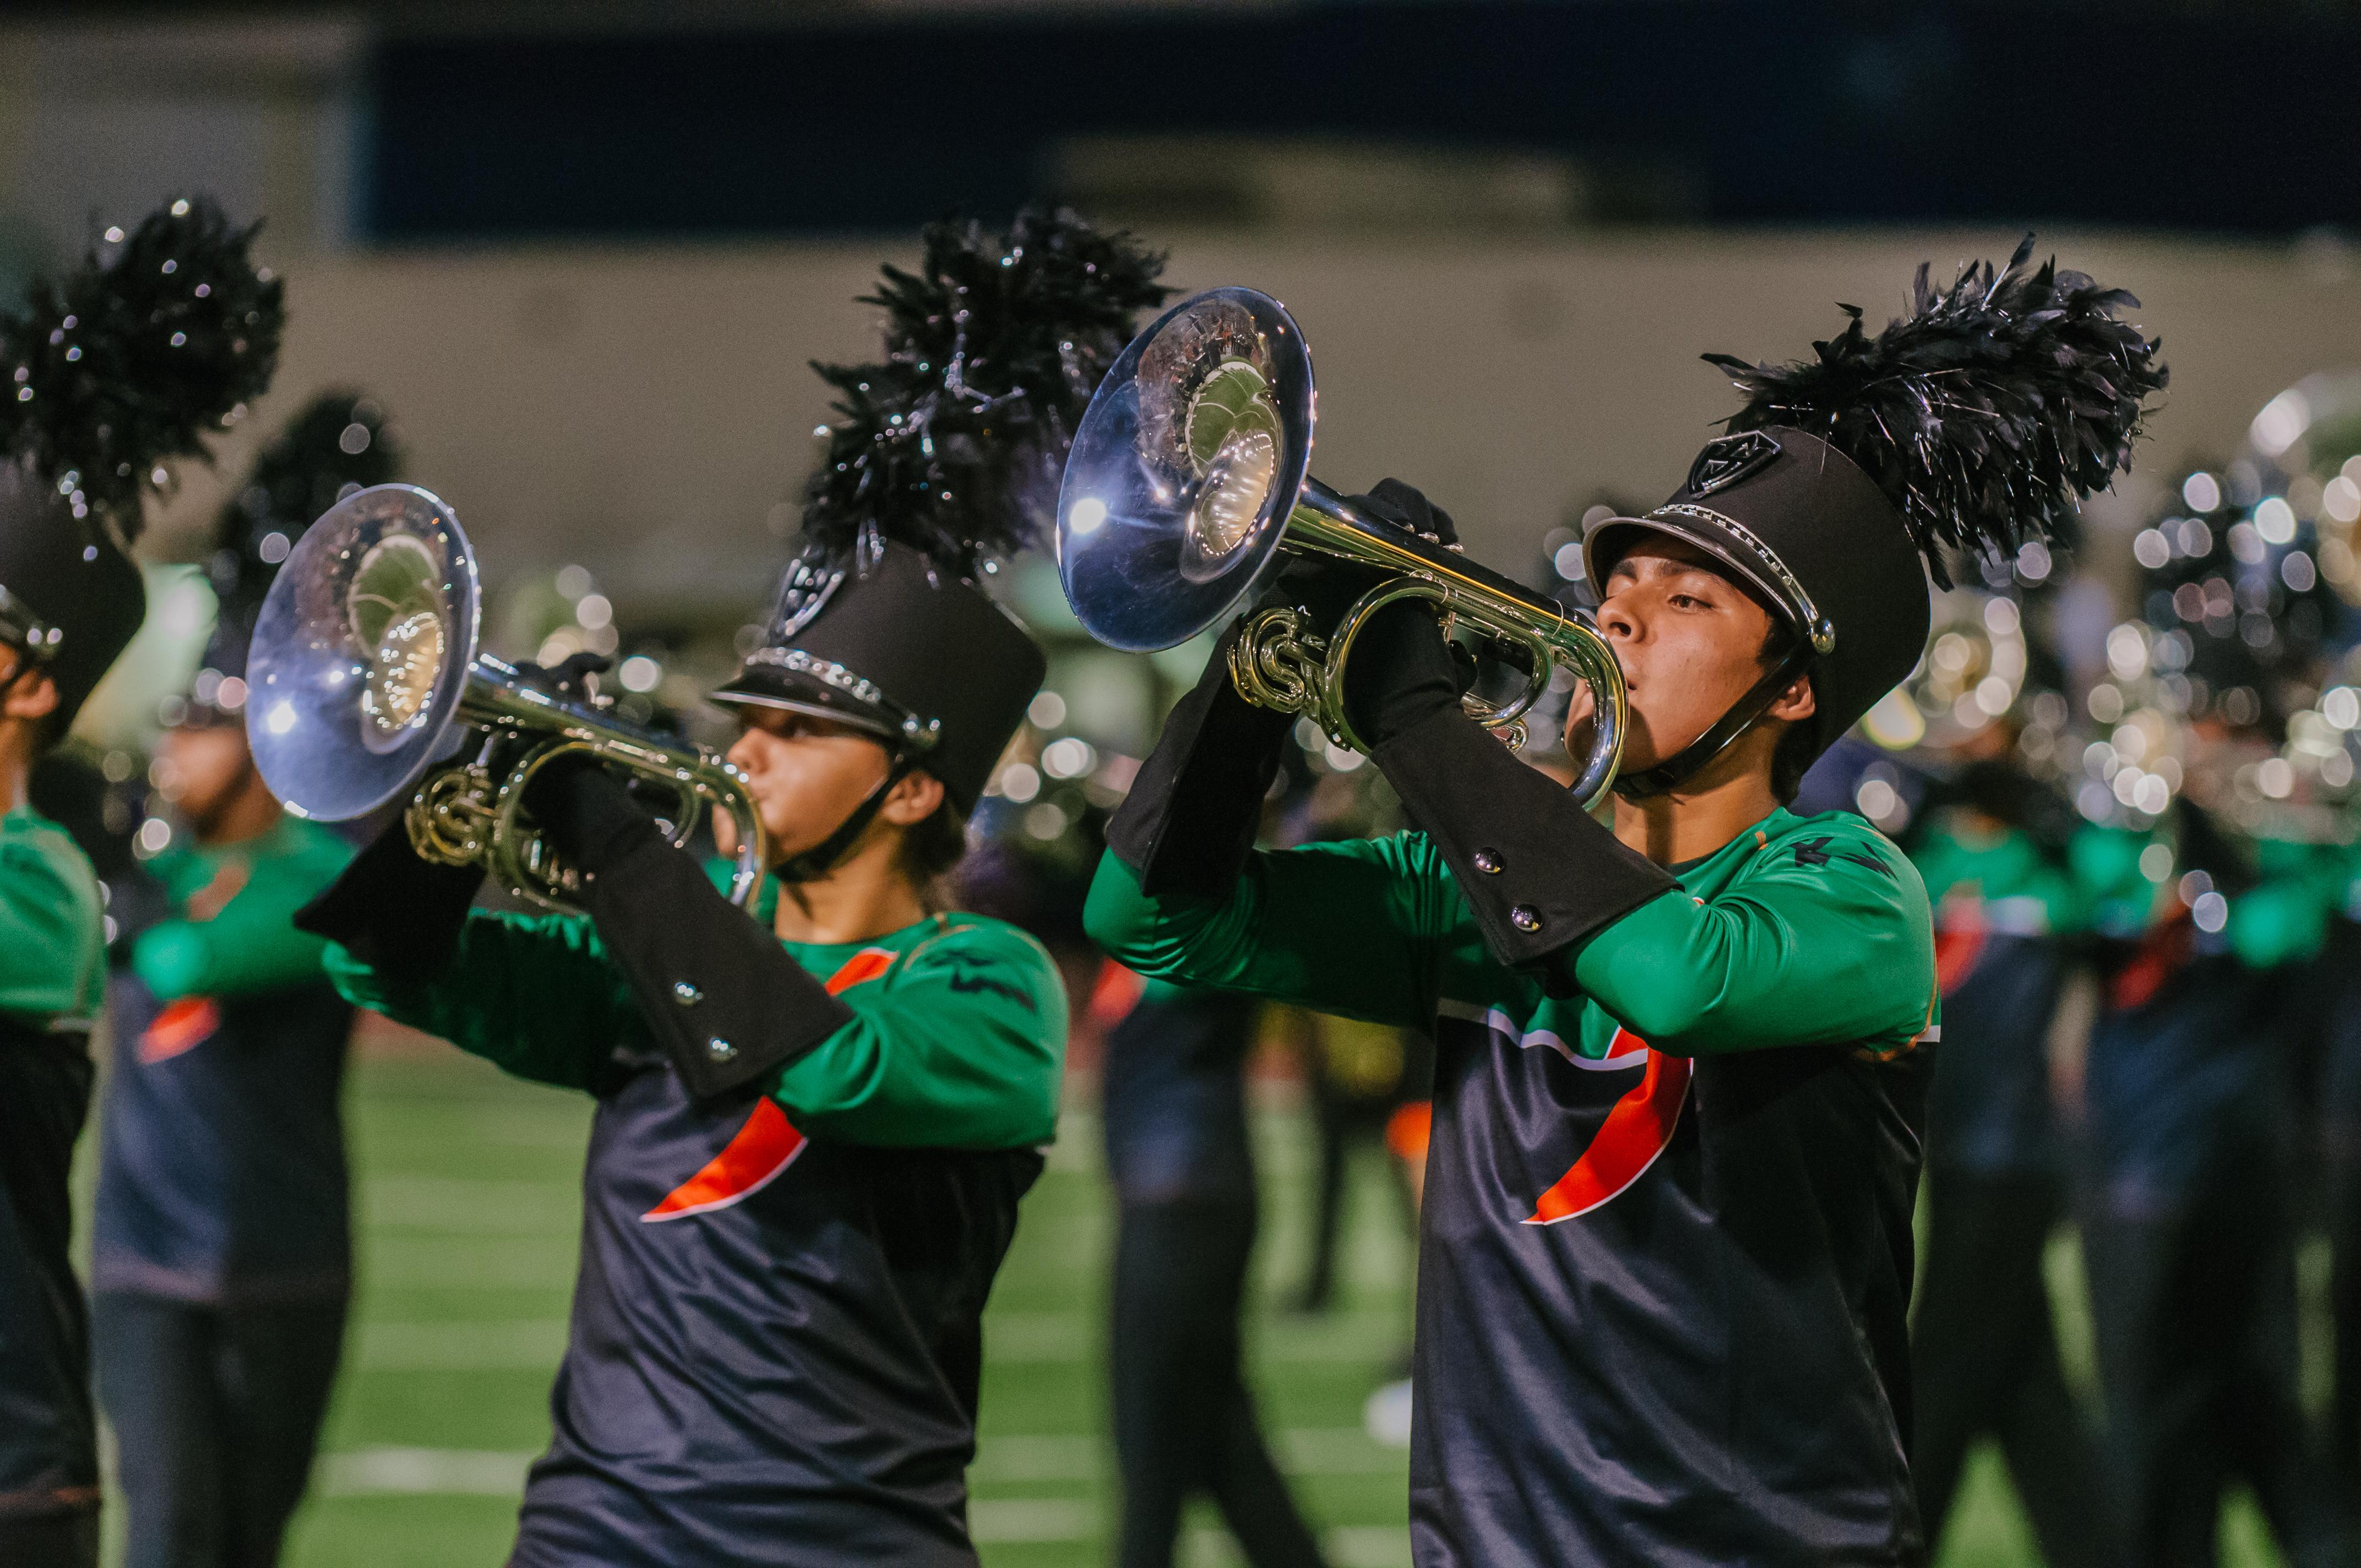 Marching bands take Grand Champion titles at La Joya and Rio Hondo contests